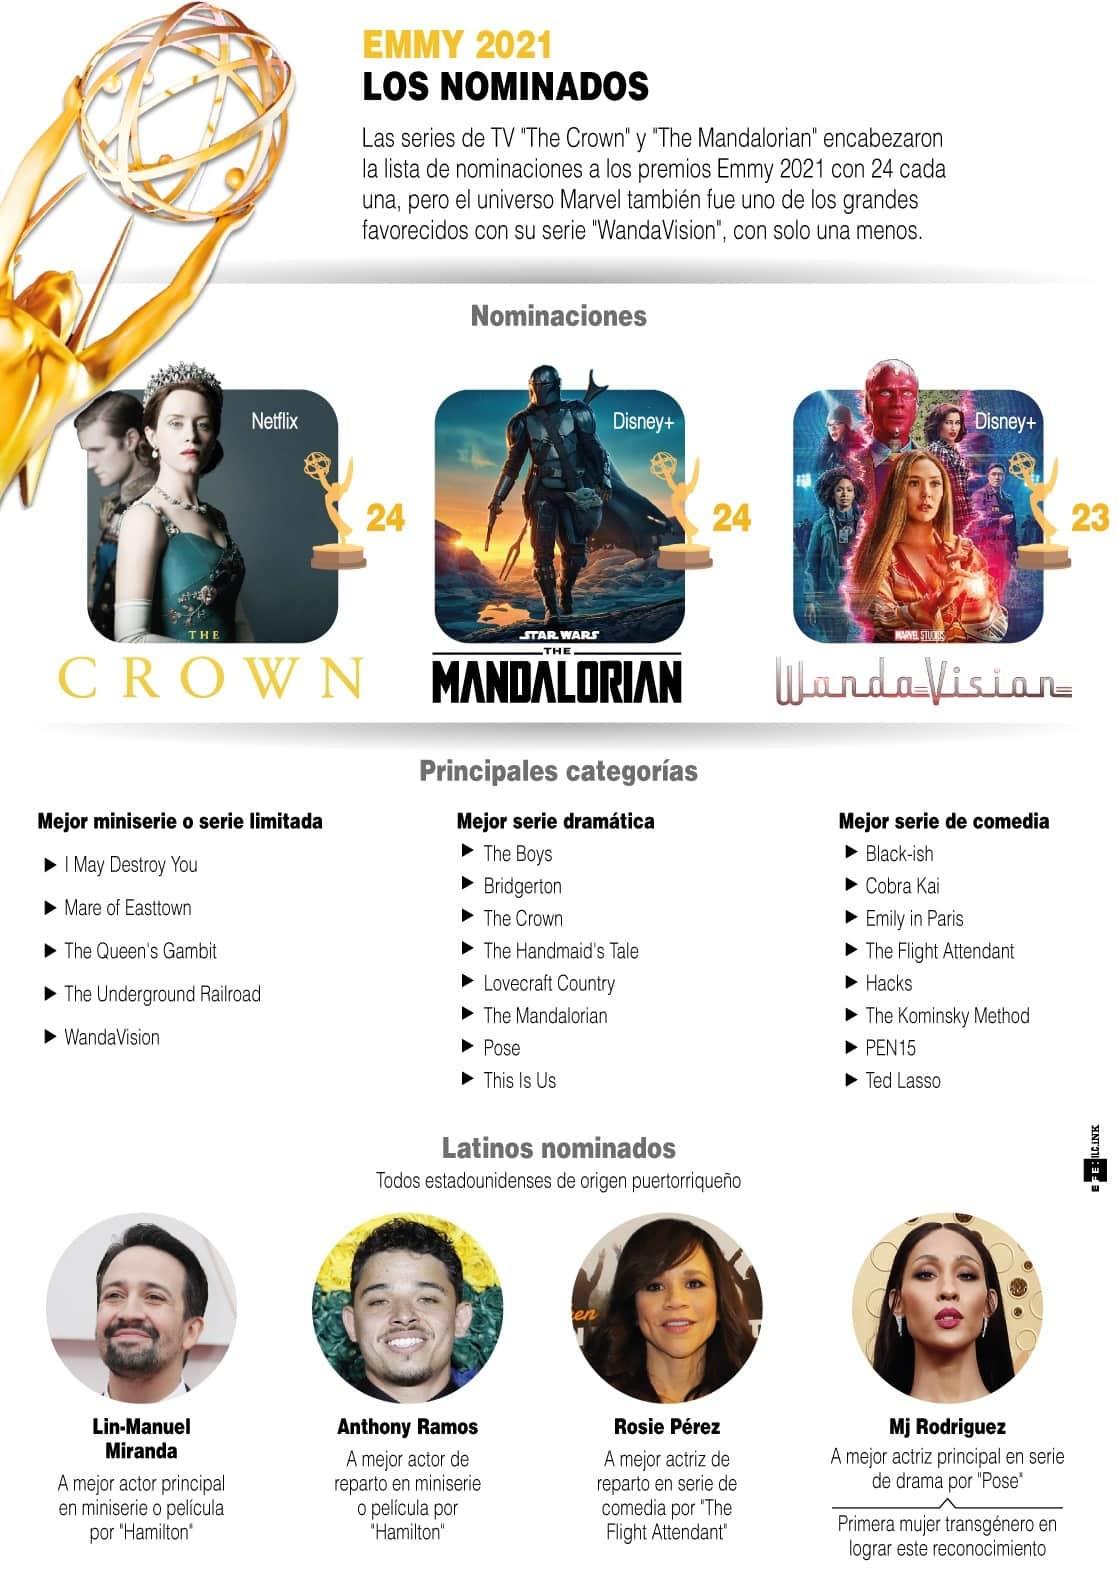 [Infografía] Los nominados a los premios Emmy 2021 1